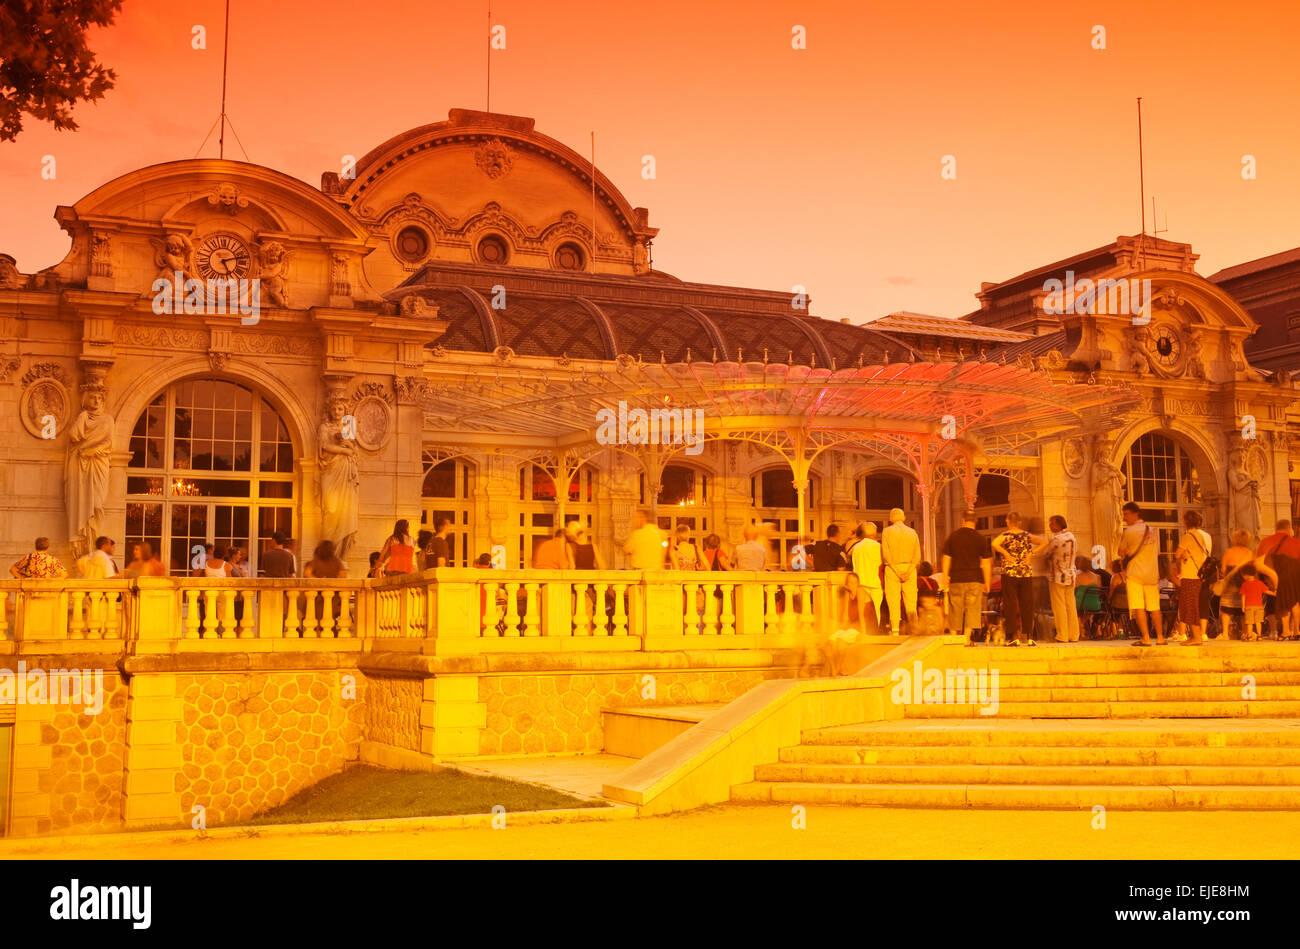 OPERA HOUSE BUILDING GRAND CASINO PARC DE SOURCES VICHY AUVERGNE FRANCE - Stock Image